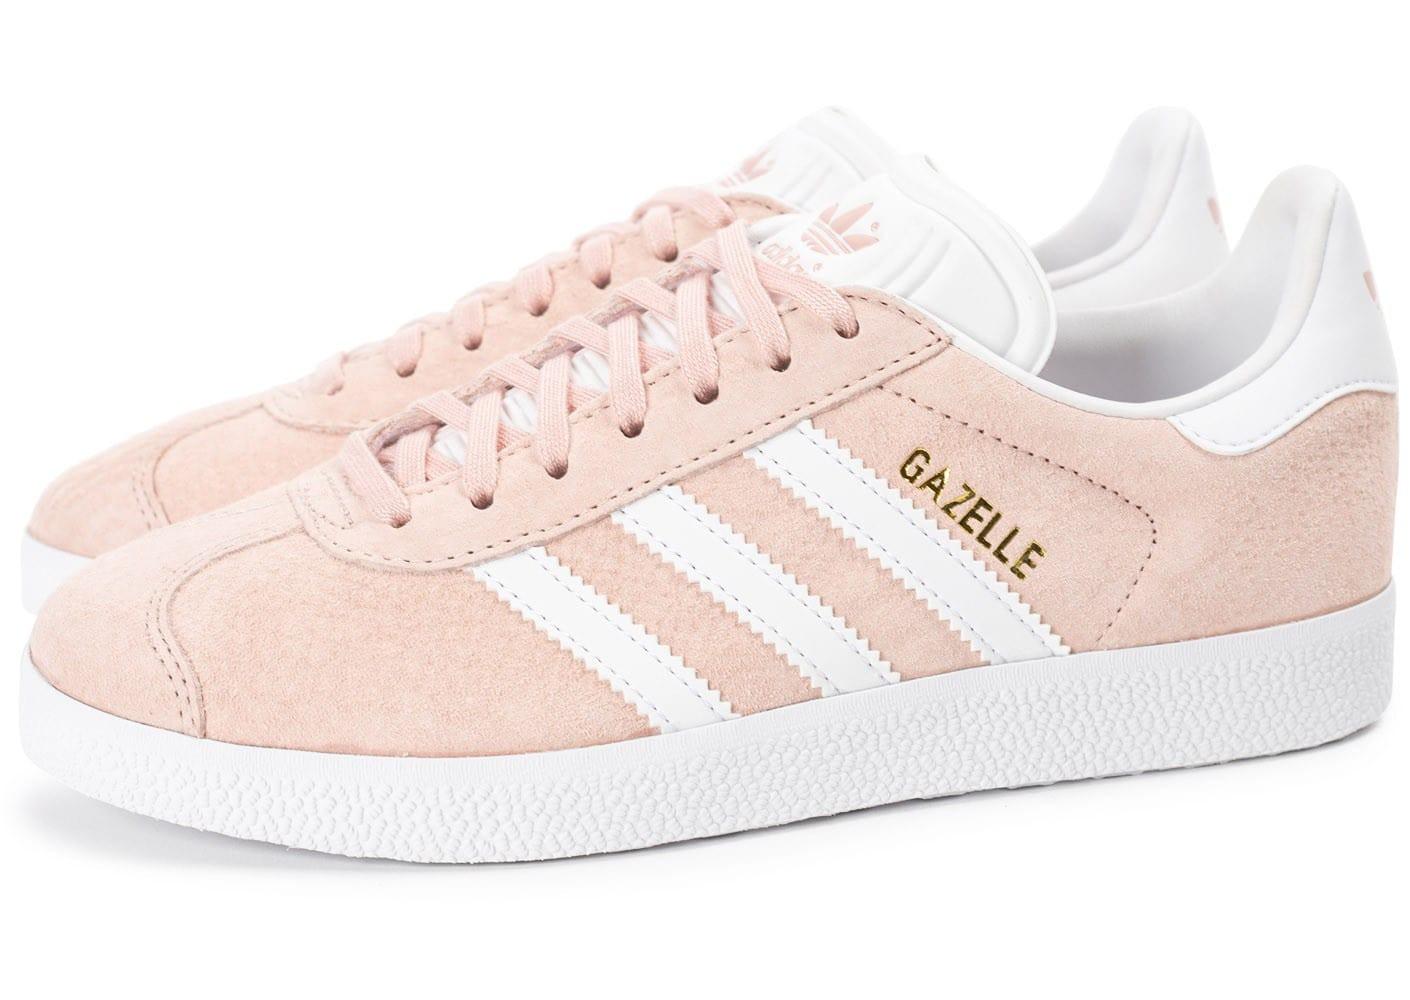 adidas gazelle femme rose pale pas cher